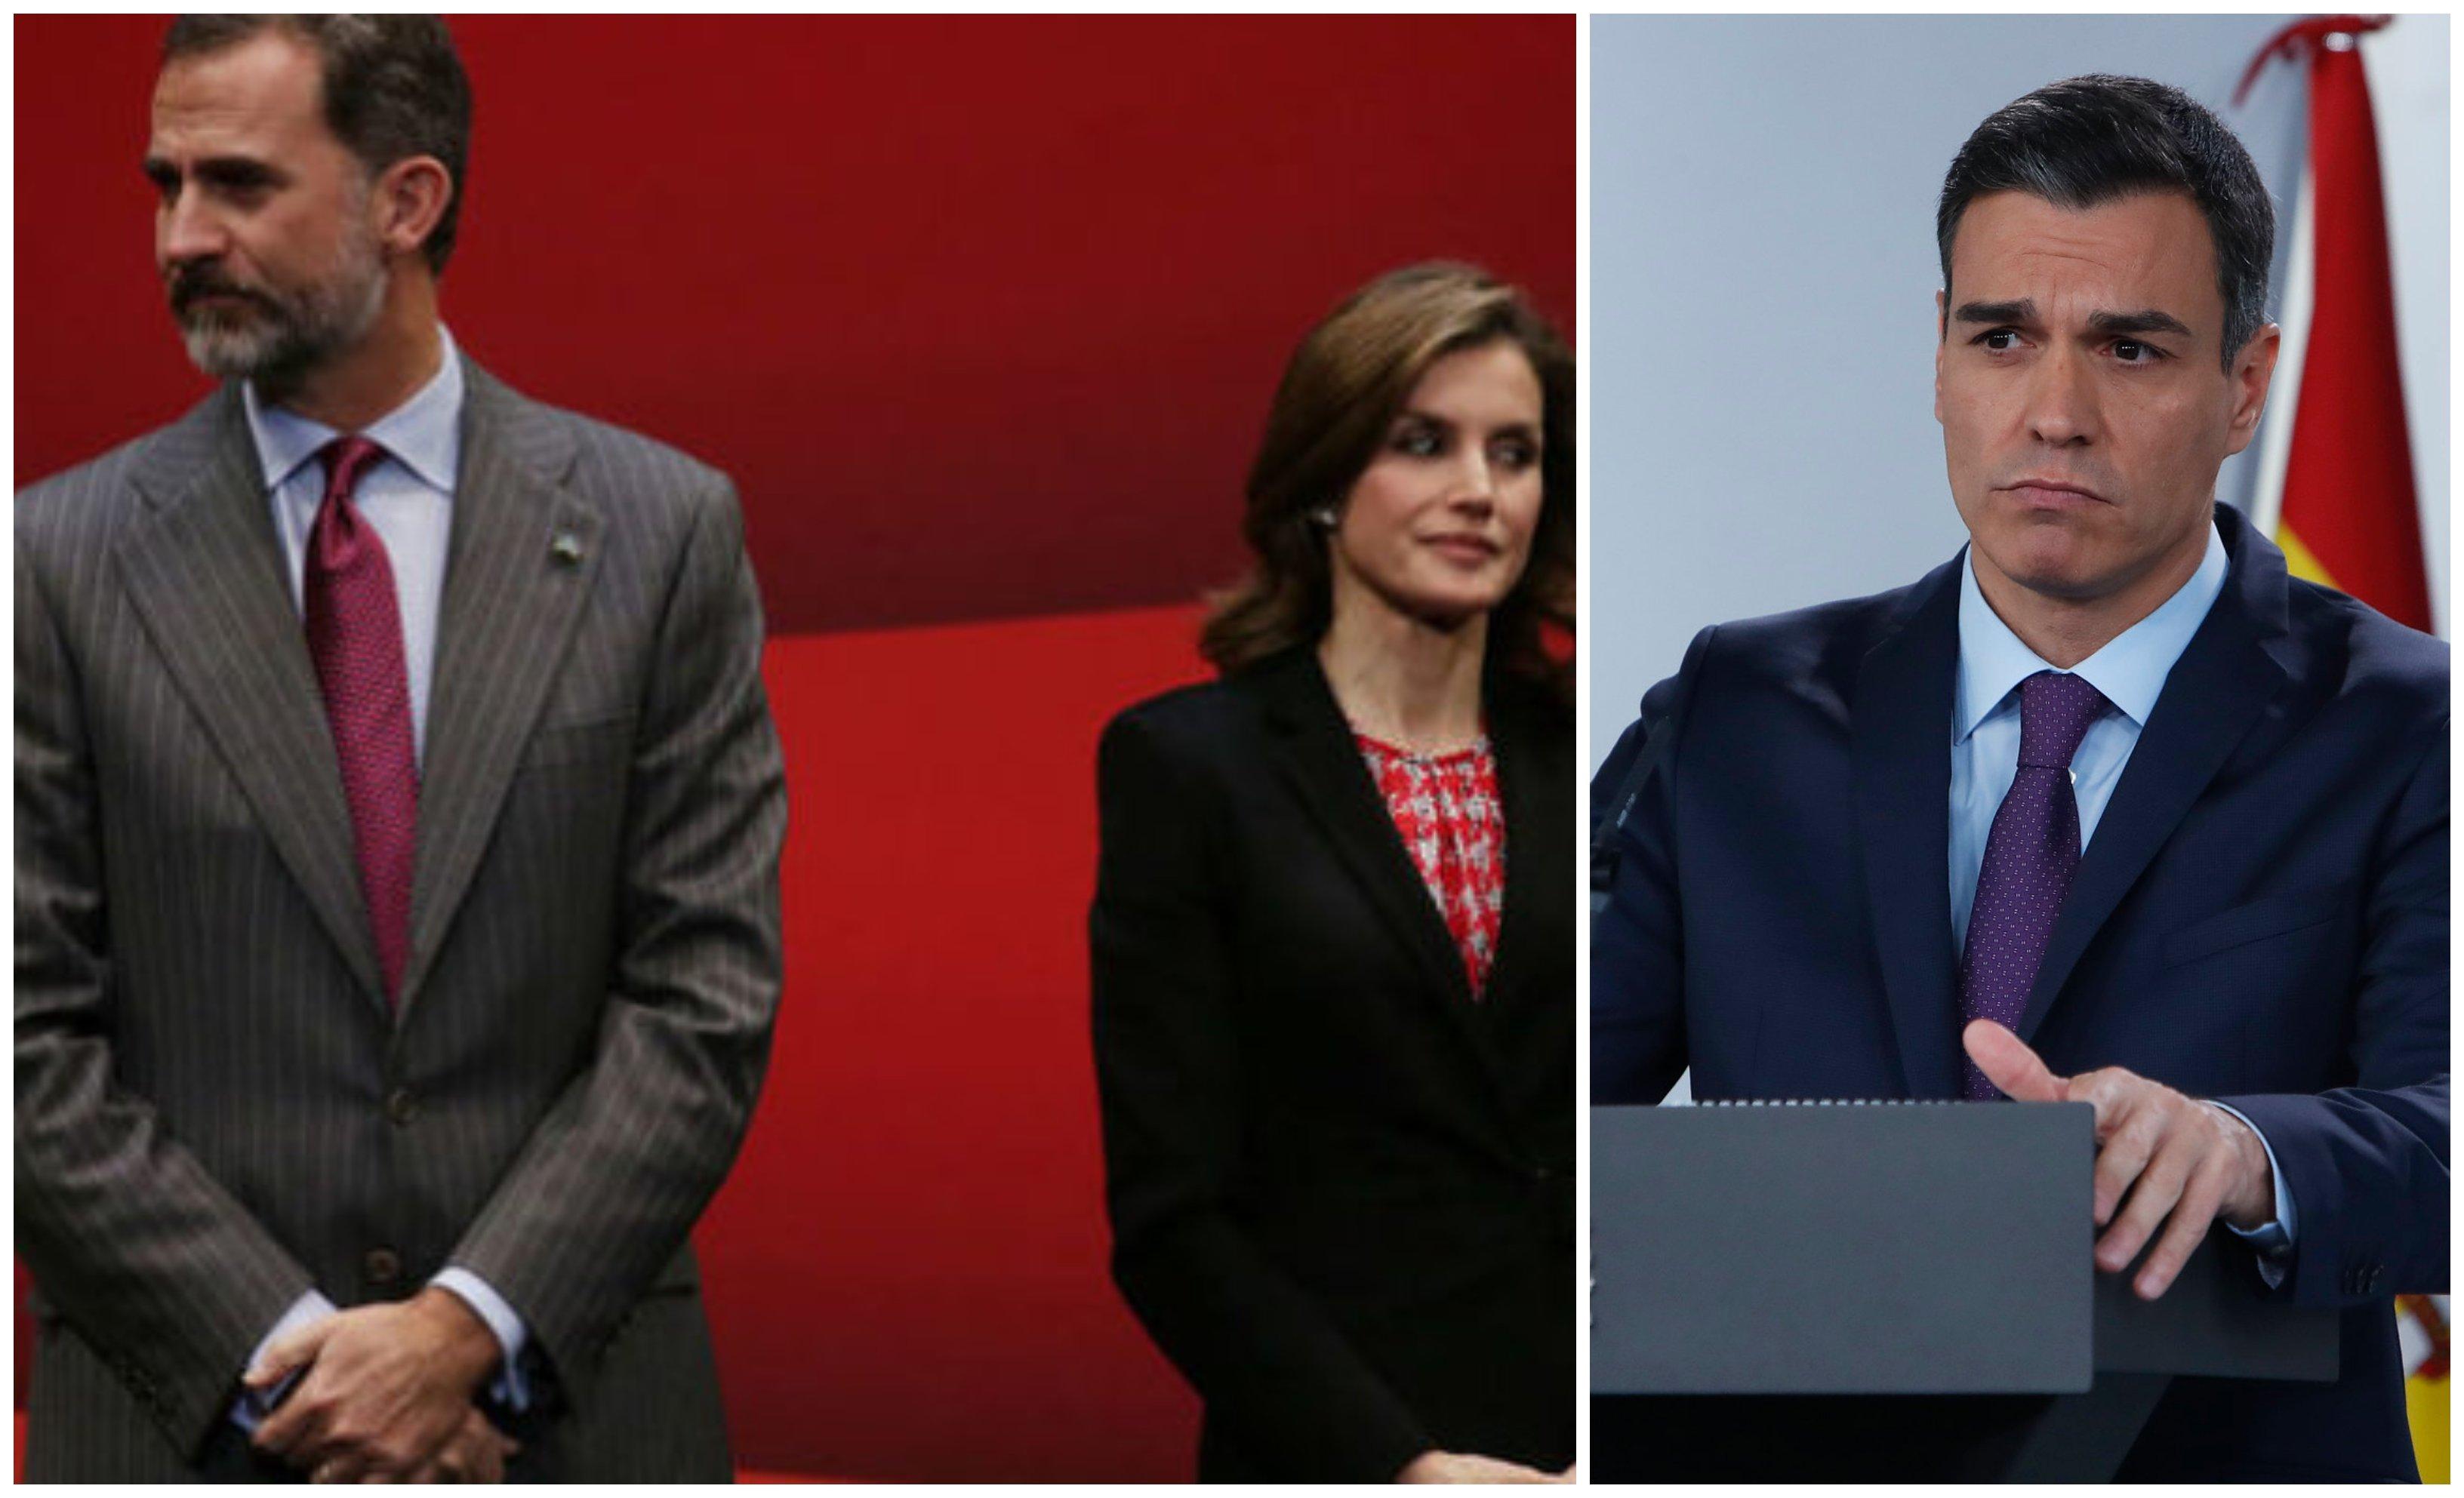 Mensaje de Nochebuena. Polémica en Zarzuela: Felipe VI quiere detener el Frente Popular de Sánchez mientras doña Letizia lo apoya